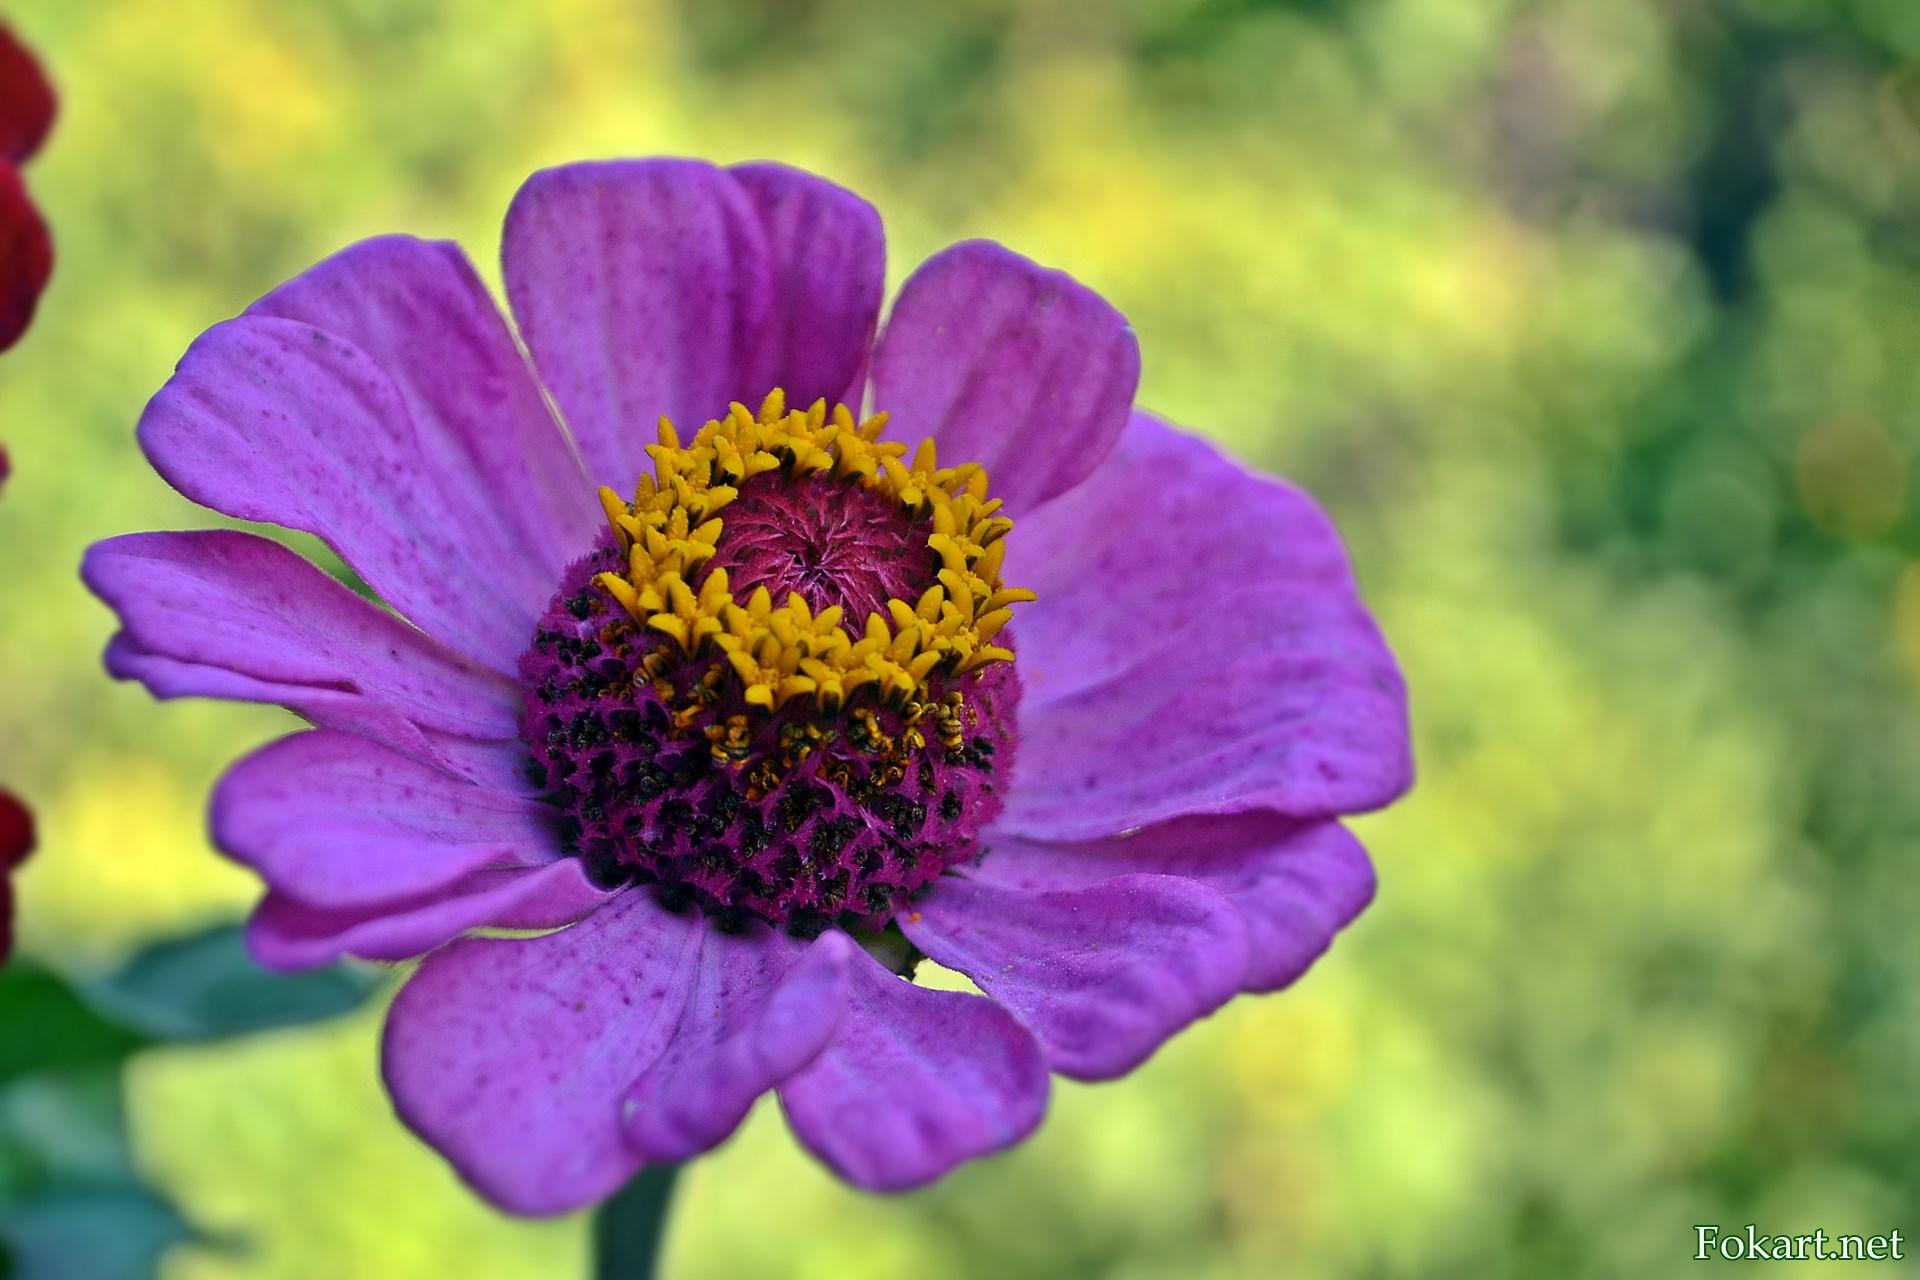 Сиреневый цветок циннии с жёлтым веночком и пурпурной серединкой